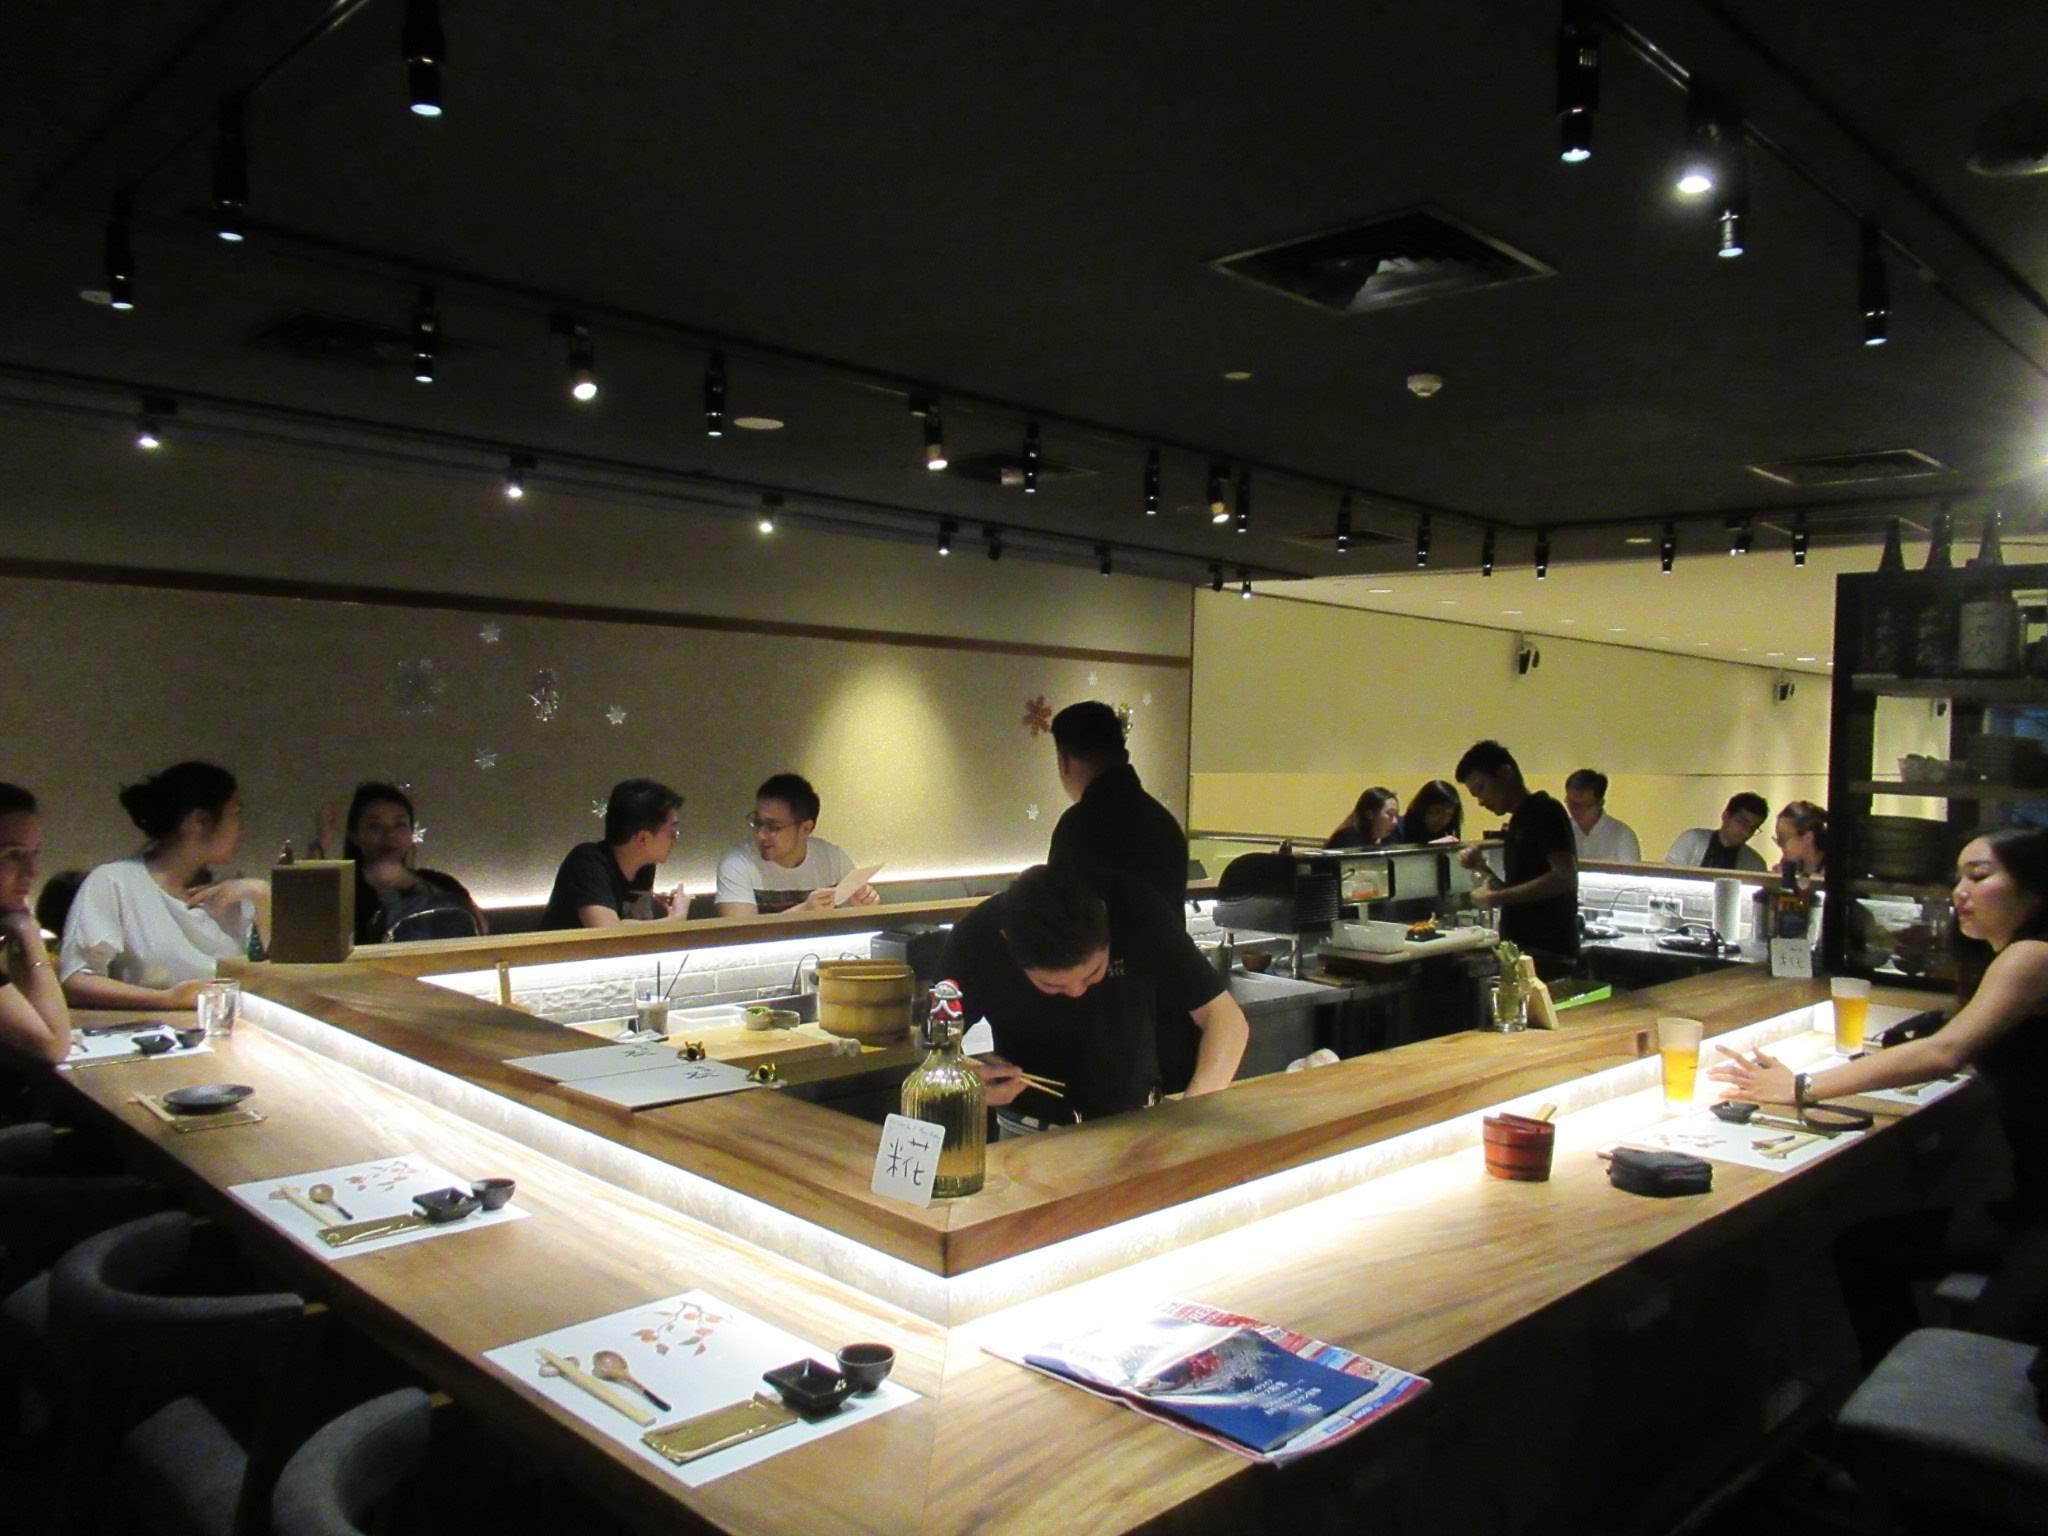 厳選日本食材の和食と寿司。シンガポールのデートならKoji sushi Bar